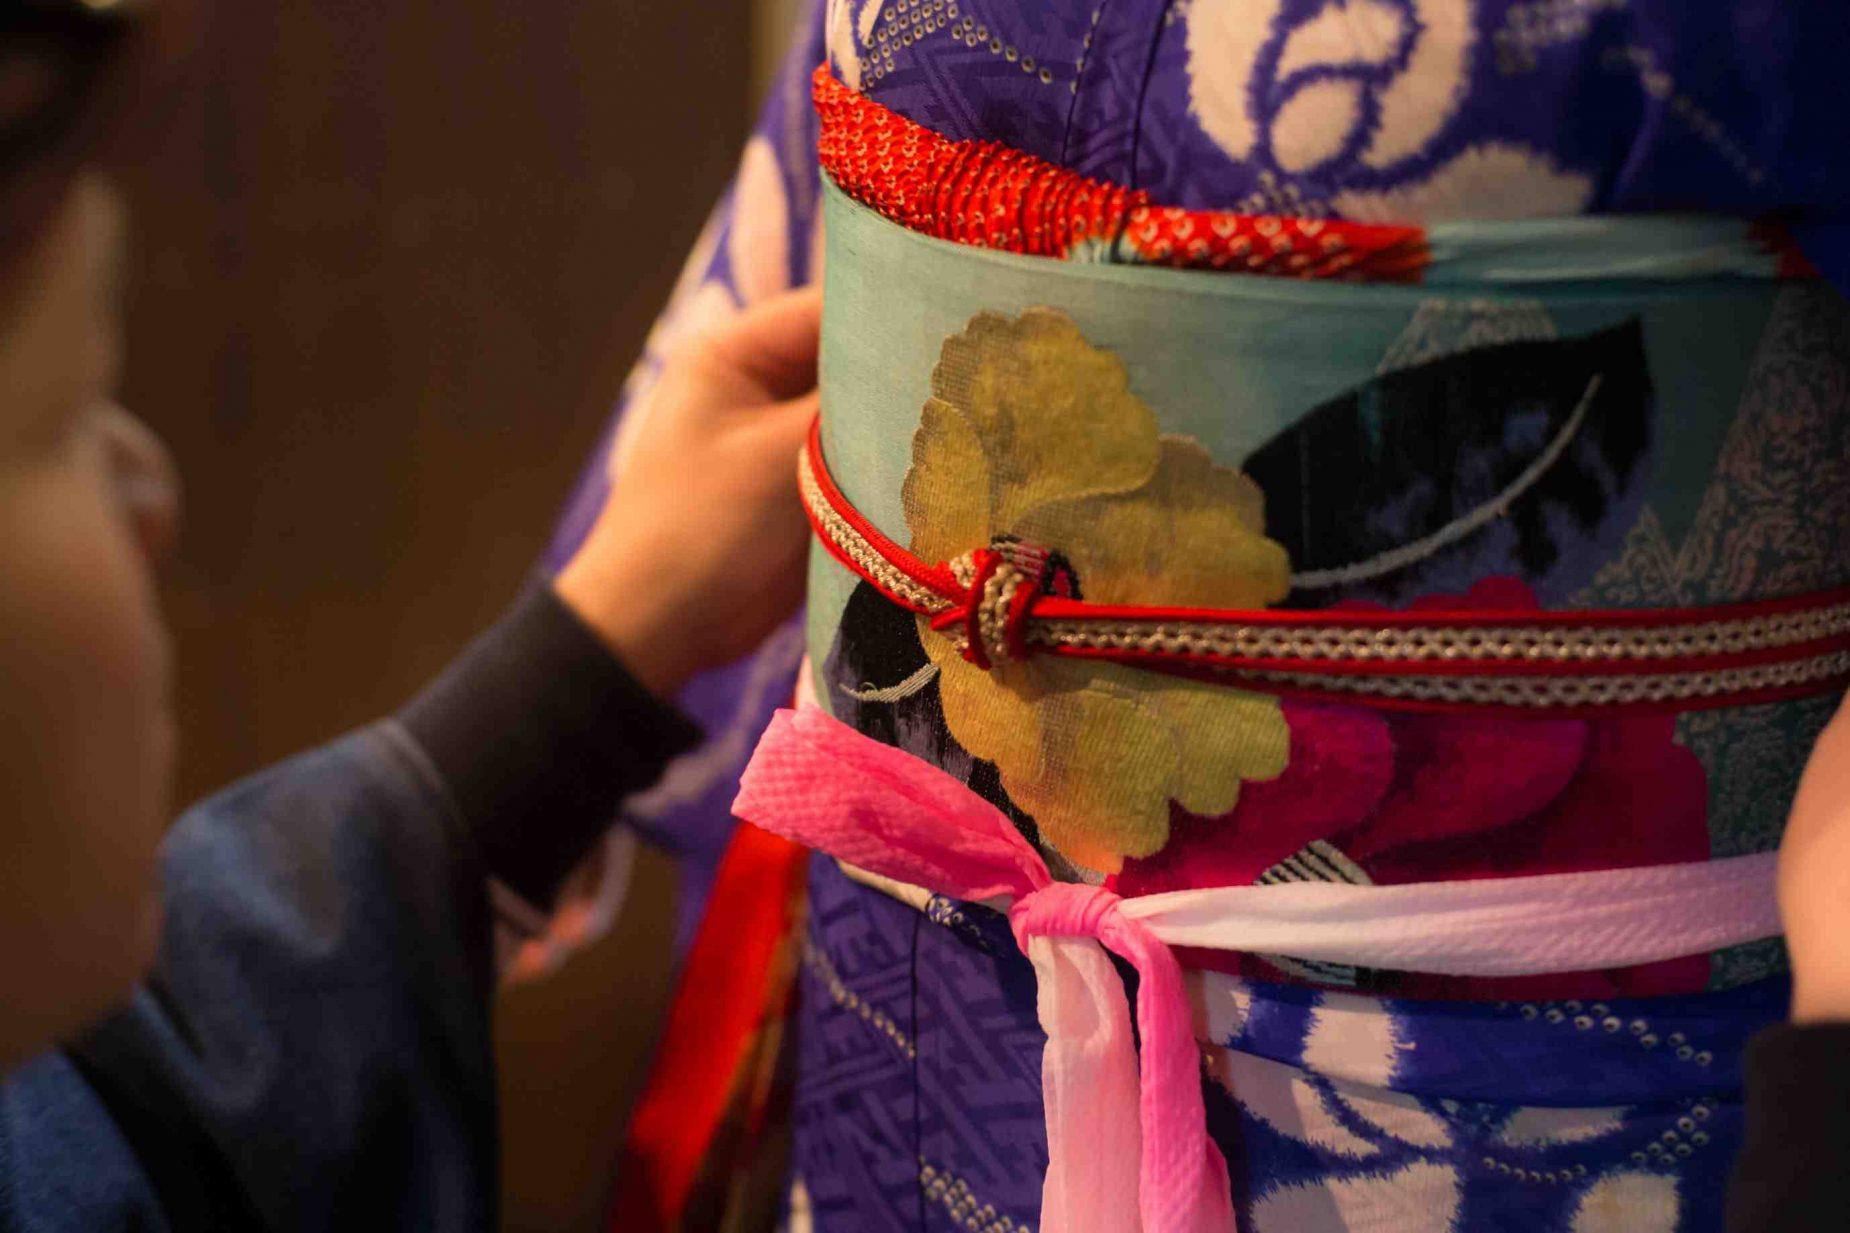 最後にお太鼓の内側に帯締めと通し、帯締めを結びます。帯の上にある物を帯揚げといいます。